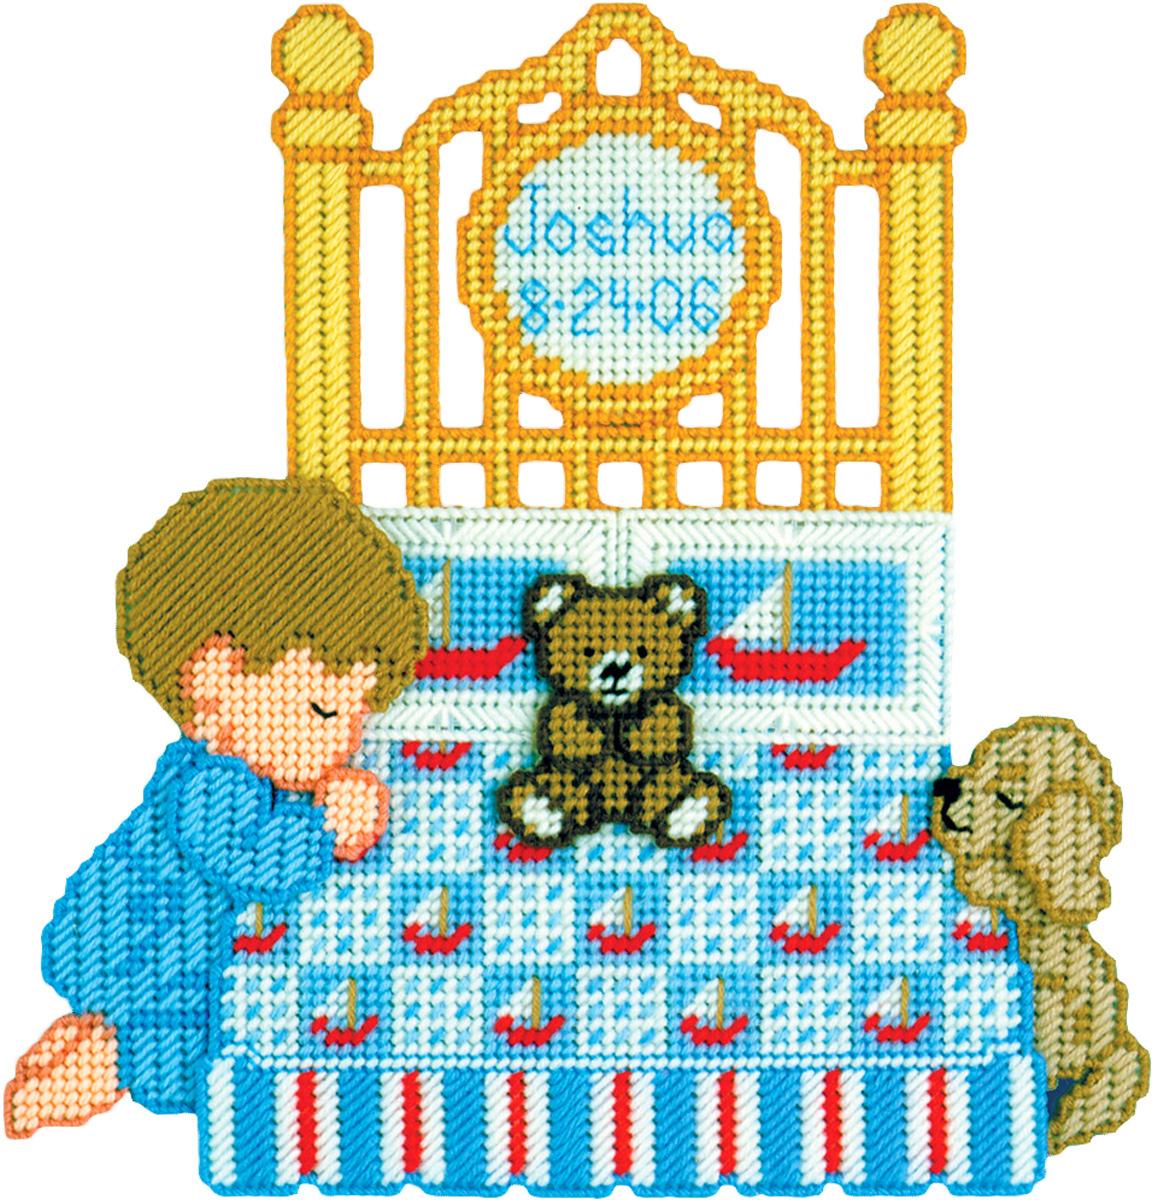 Набор для вышивания панно Design Works Молящийся мальчик, 33 х 33 см1873Пластиковая канва, нитки 100% акрил, игла, инструкция